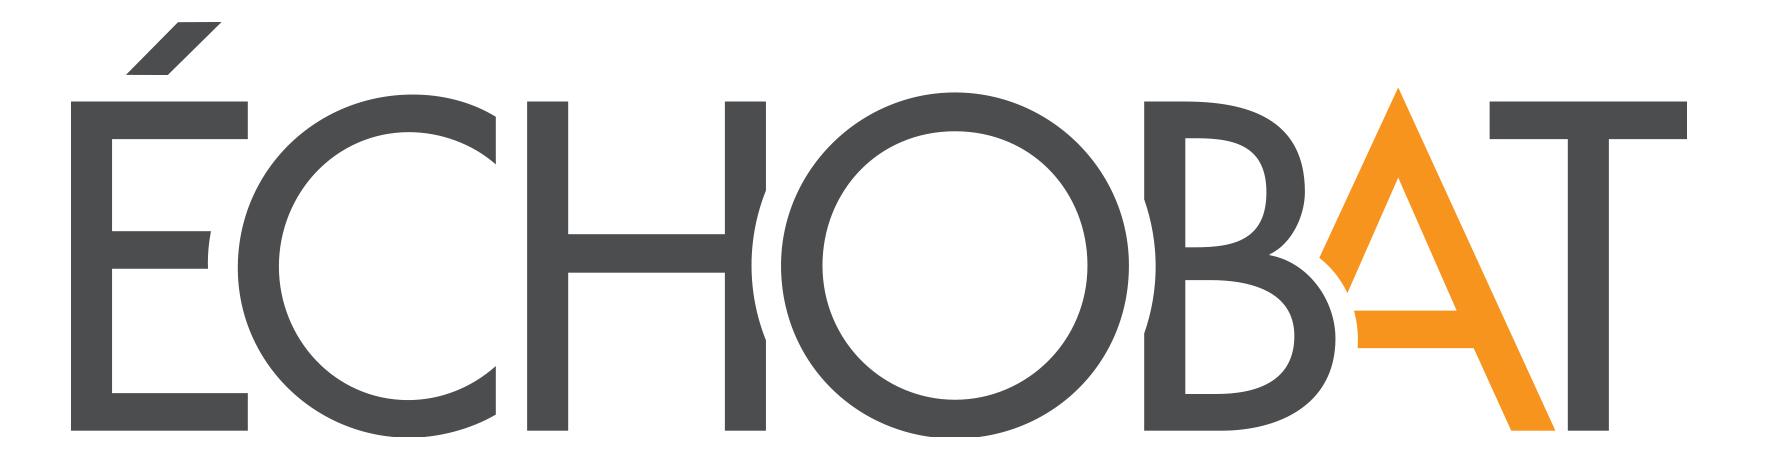 logo ECHOBAT